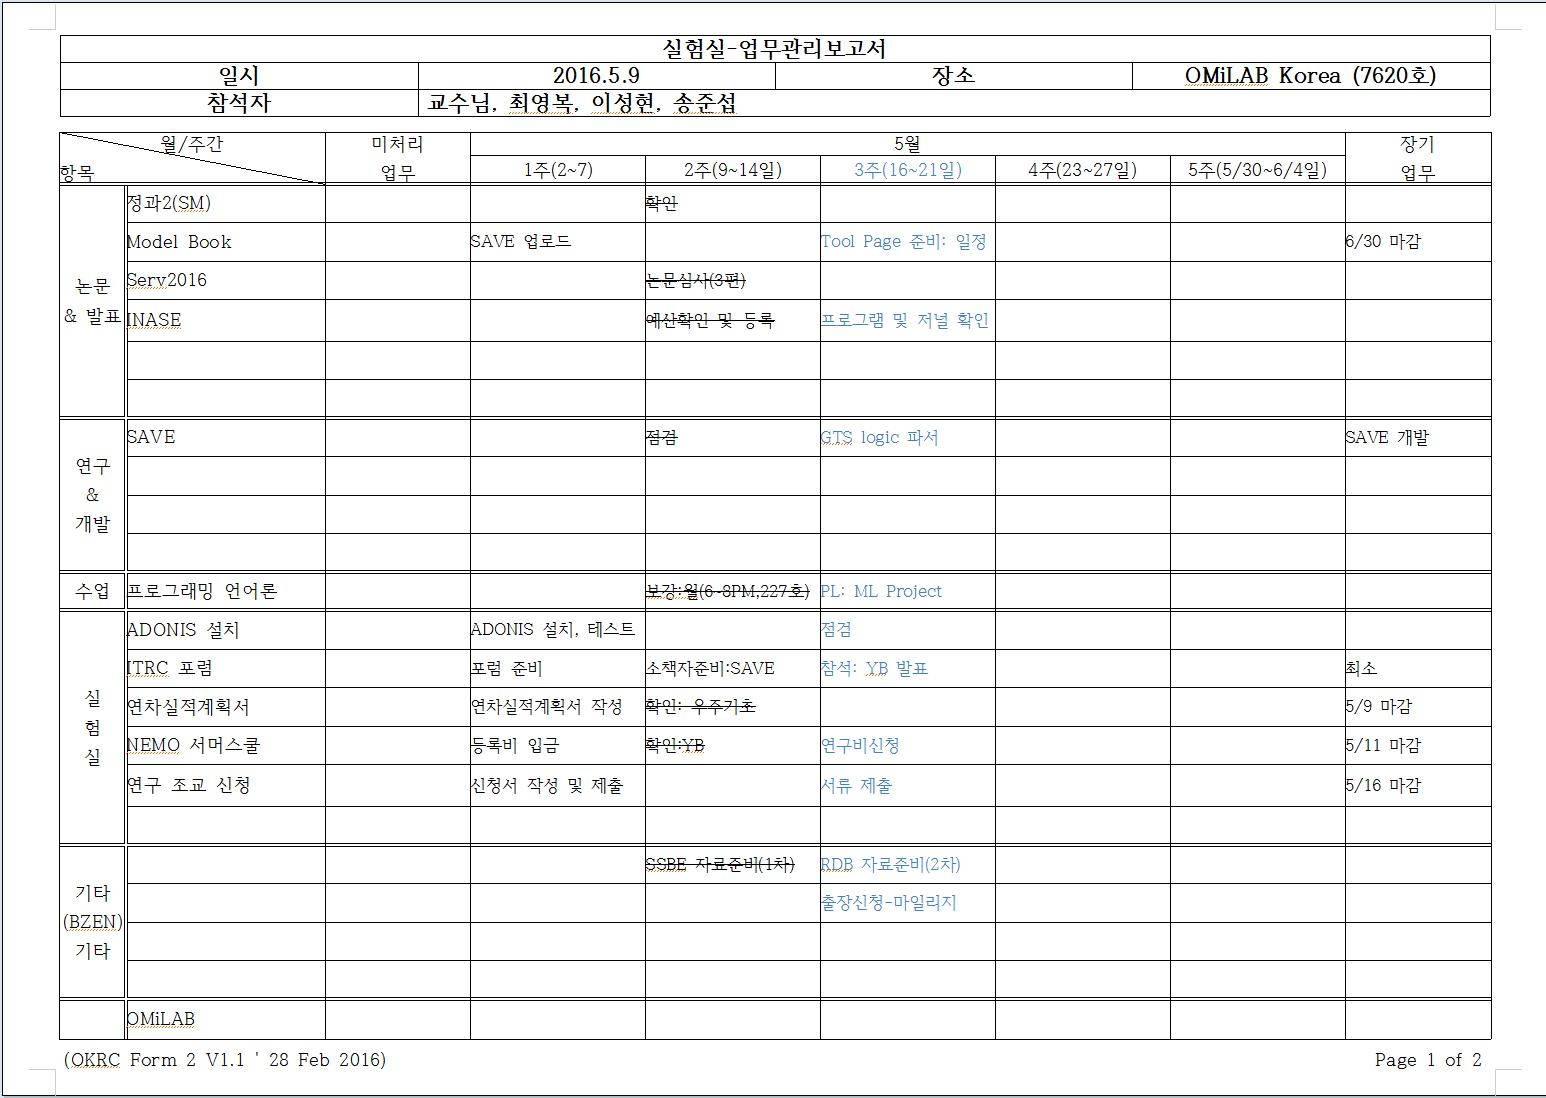 plan-MK-p1.png